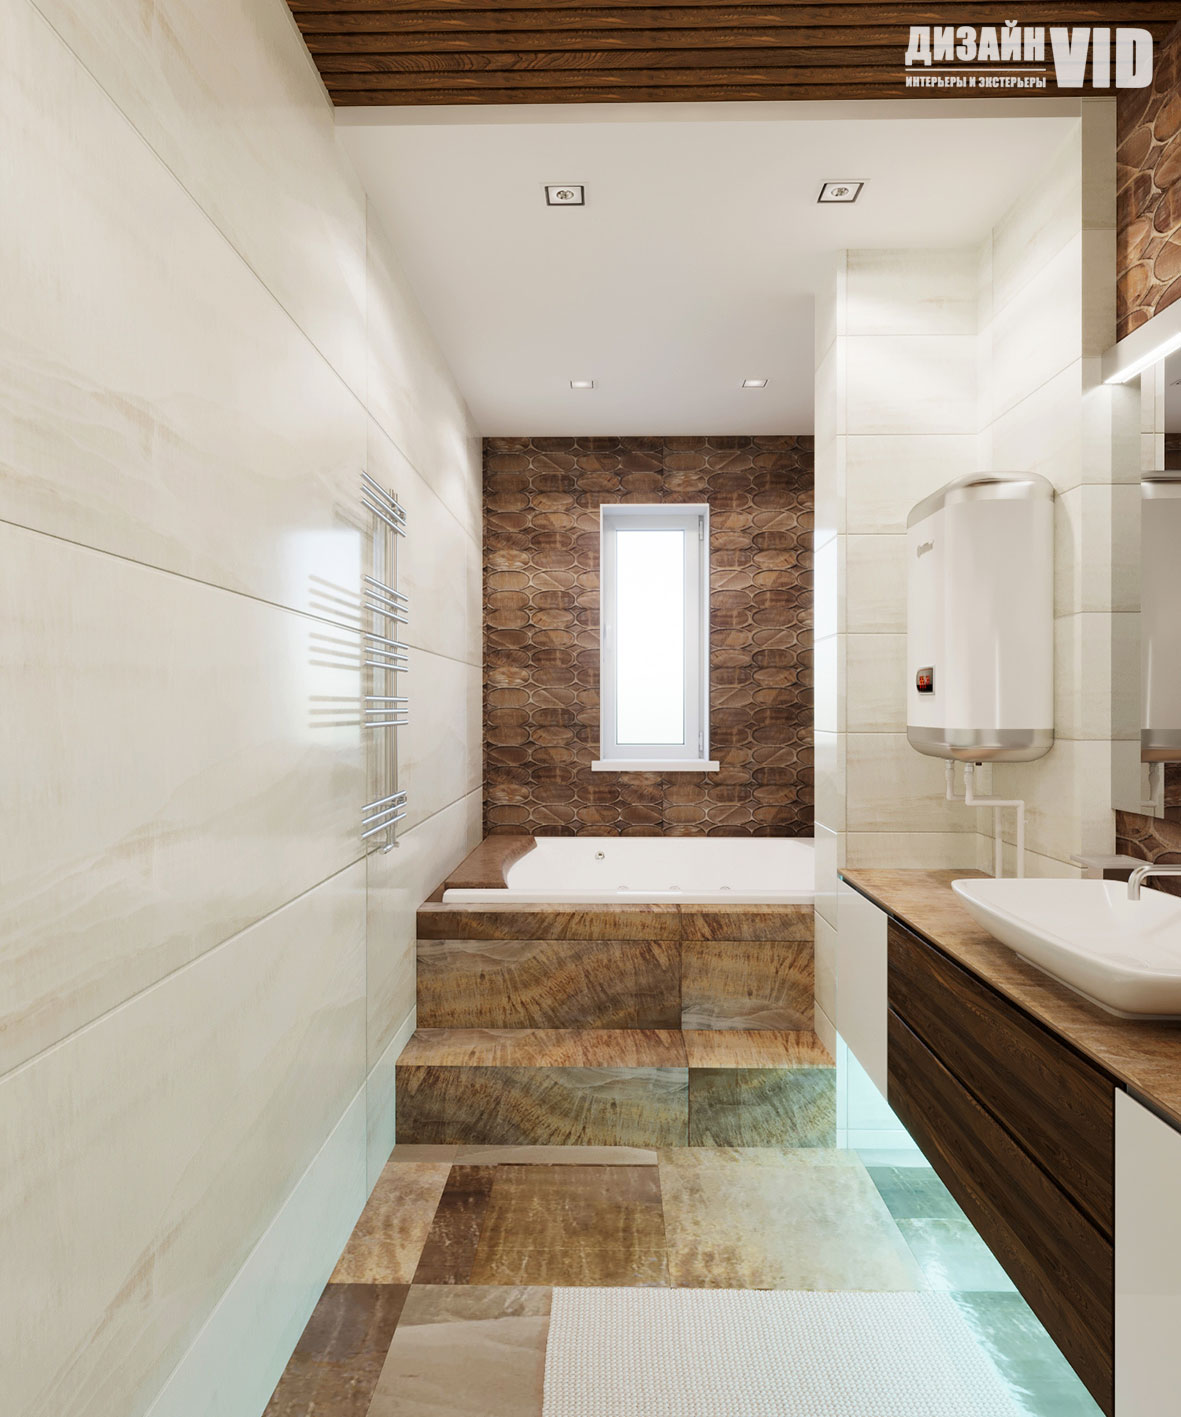 светодиодная подсветка в ванной